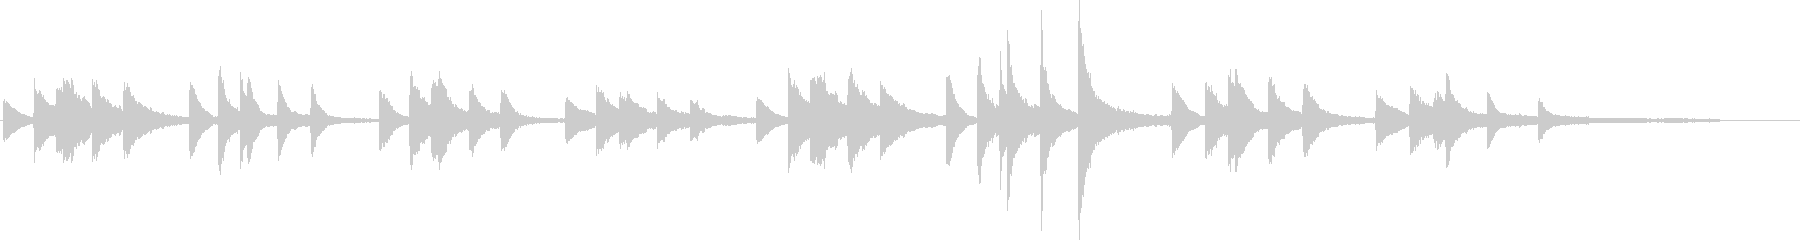 太田胃酸のCMで使われているショパンの曲の未再生の波形